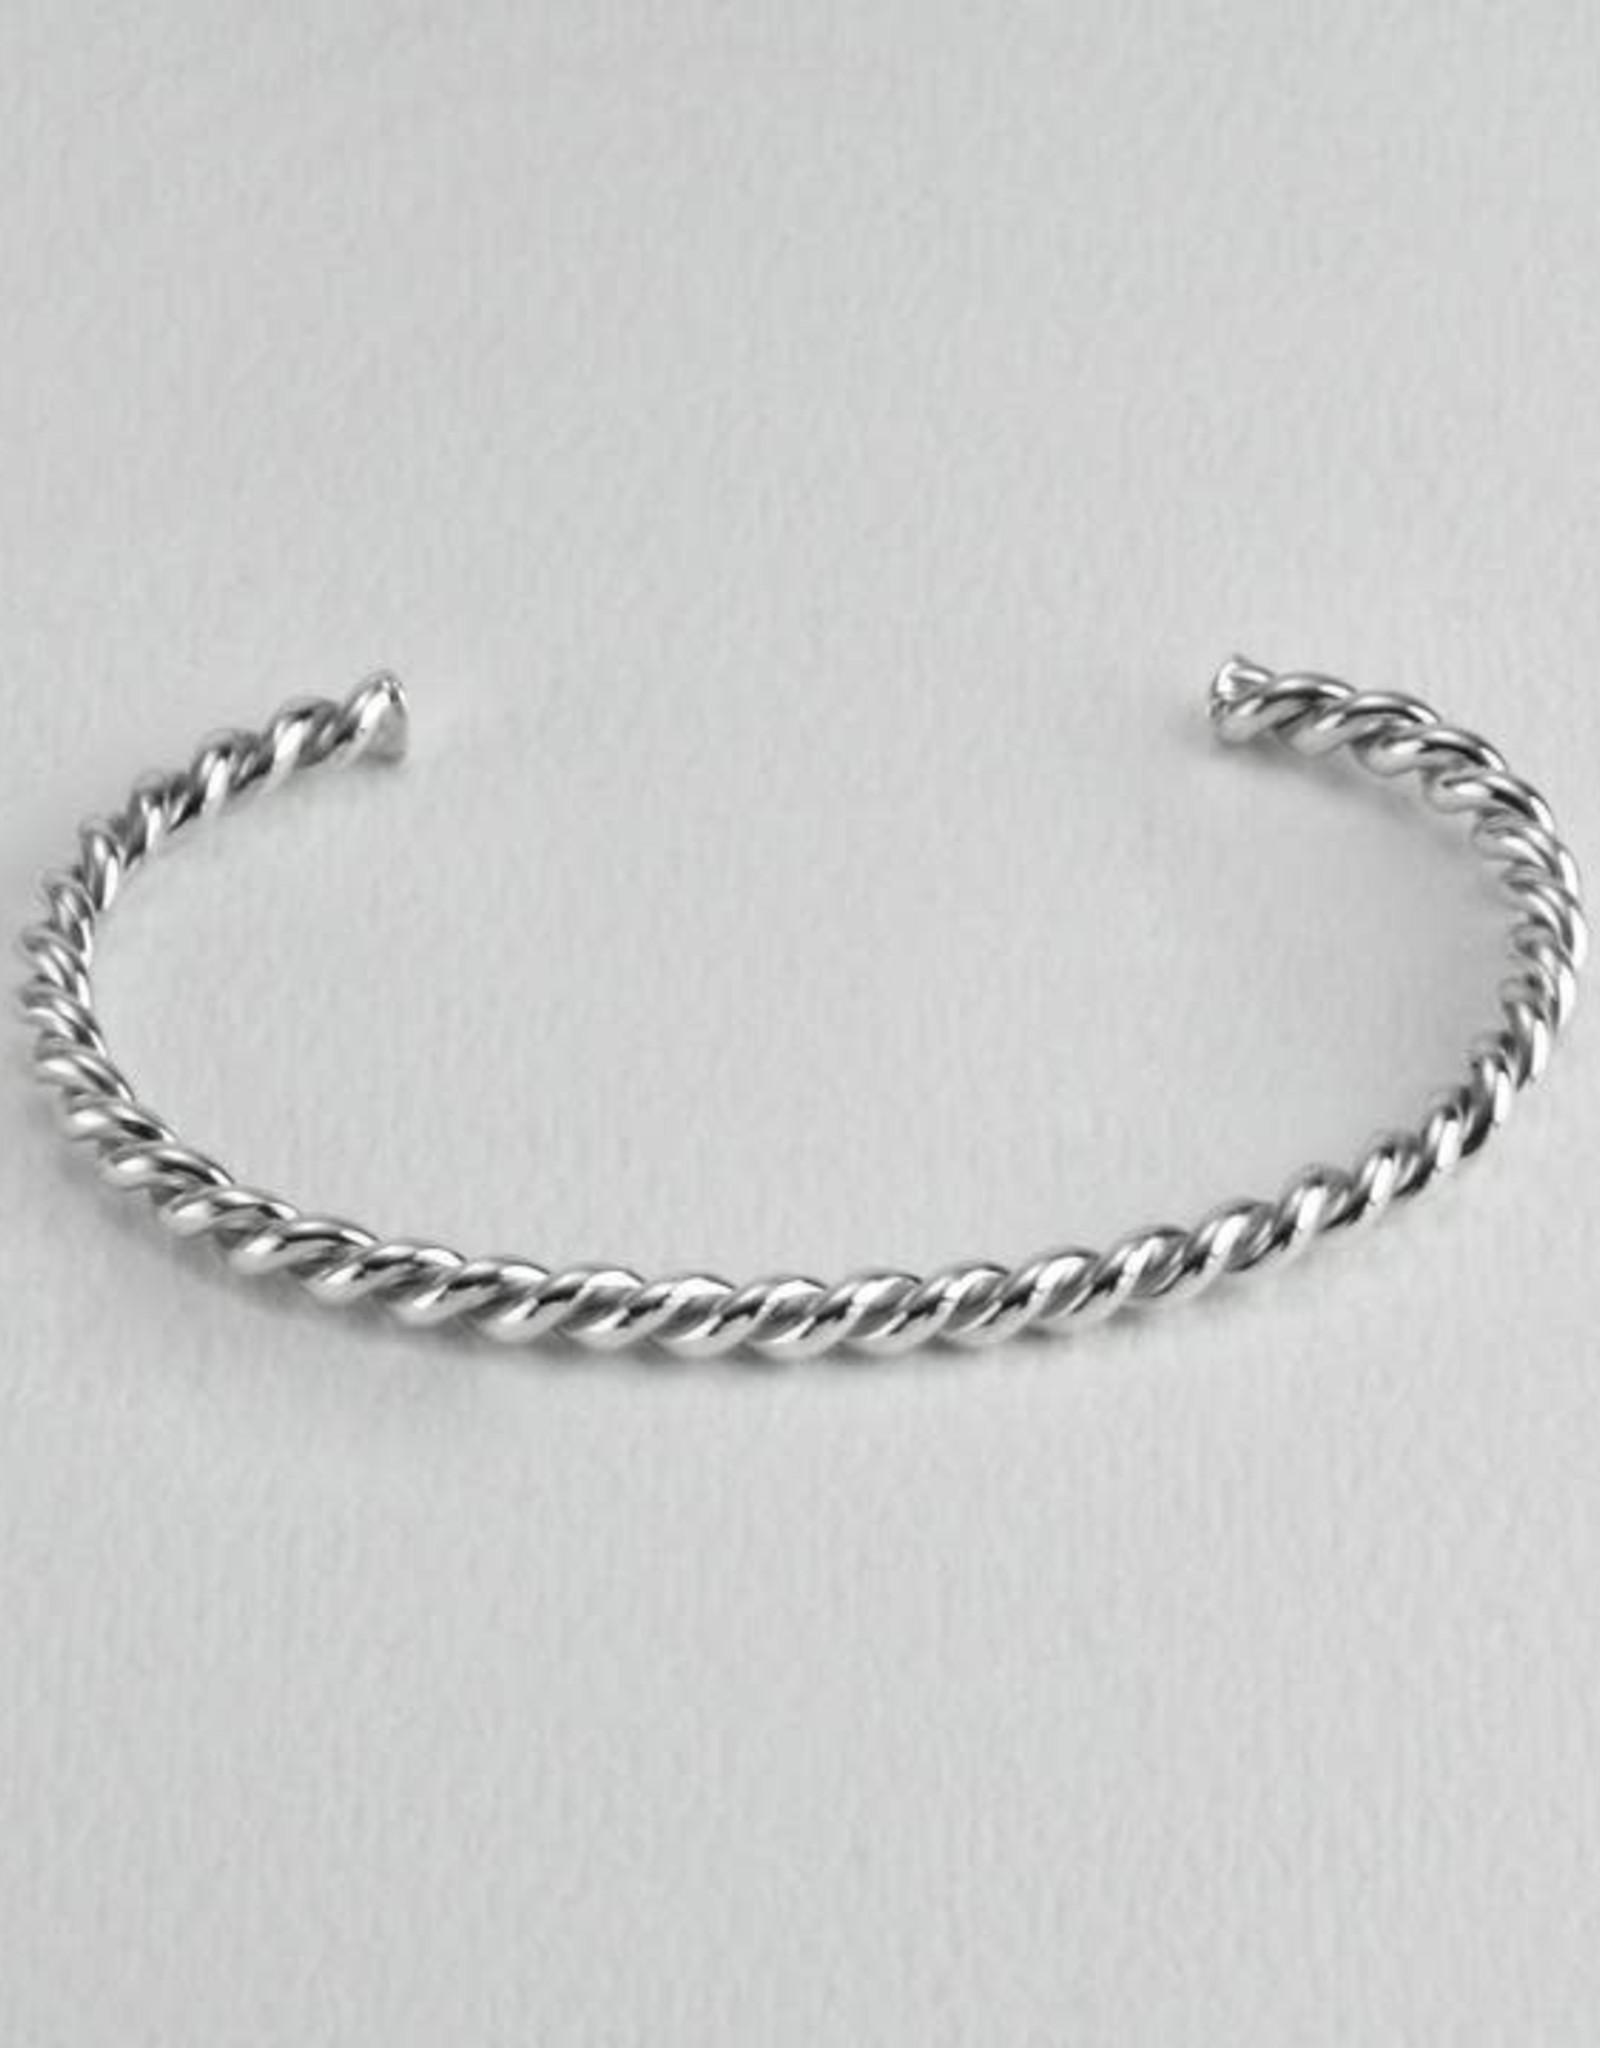 Twisted Silver Cuff Slender